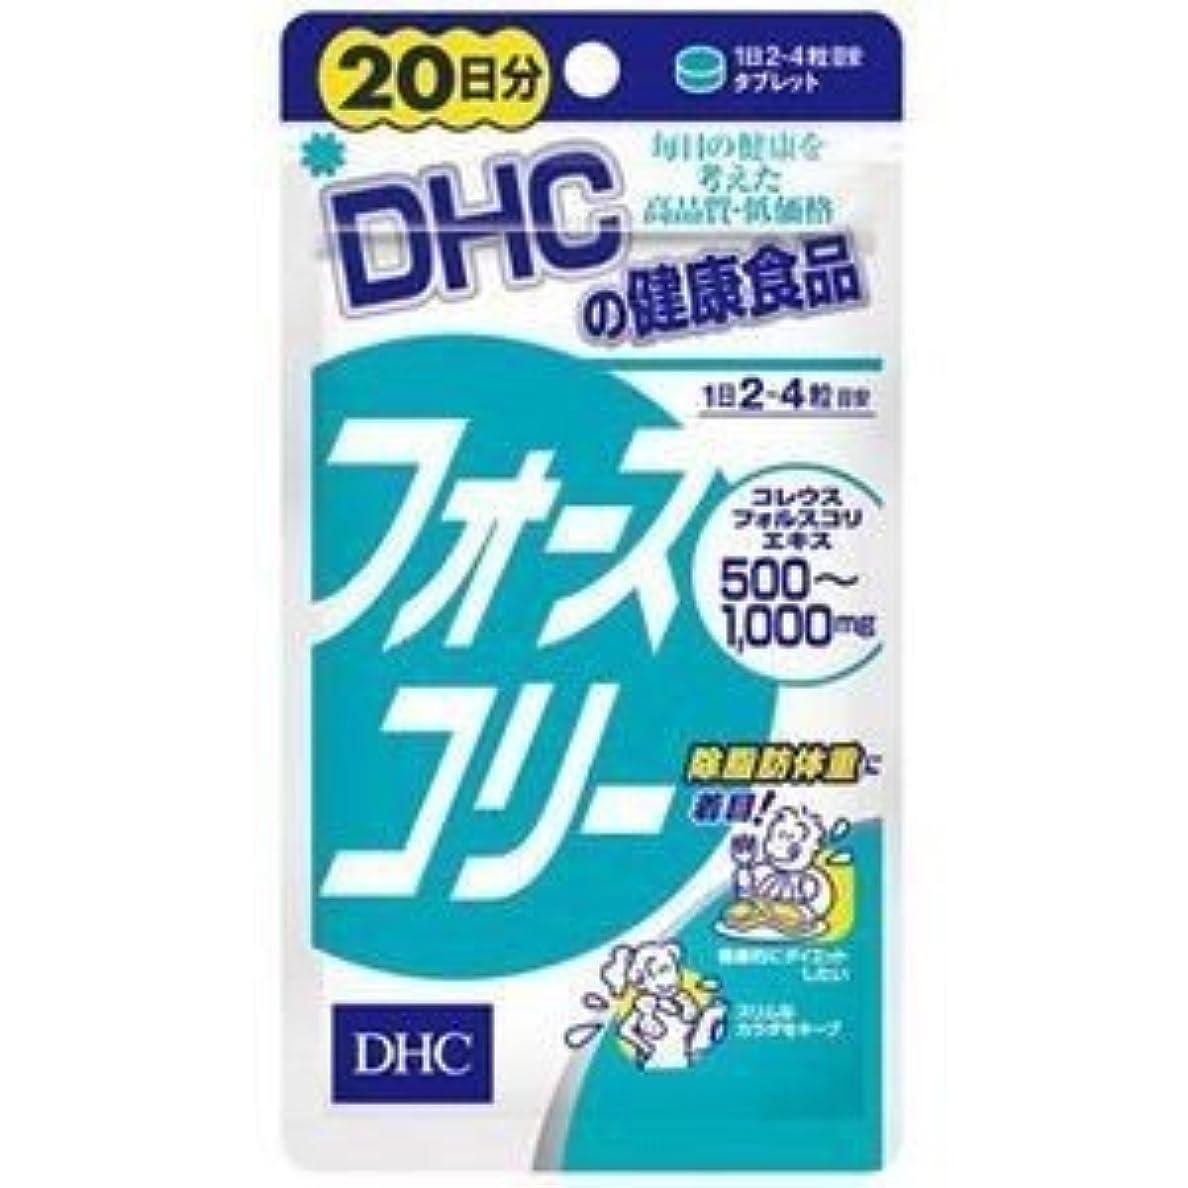 目的ポインタ加速度DHC フォースコリー 20日分 80粒